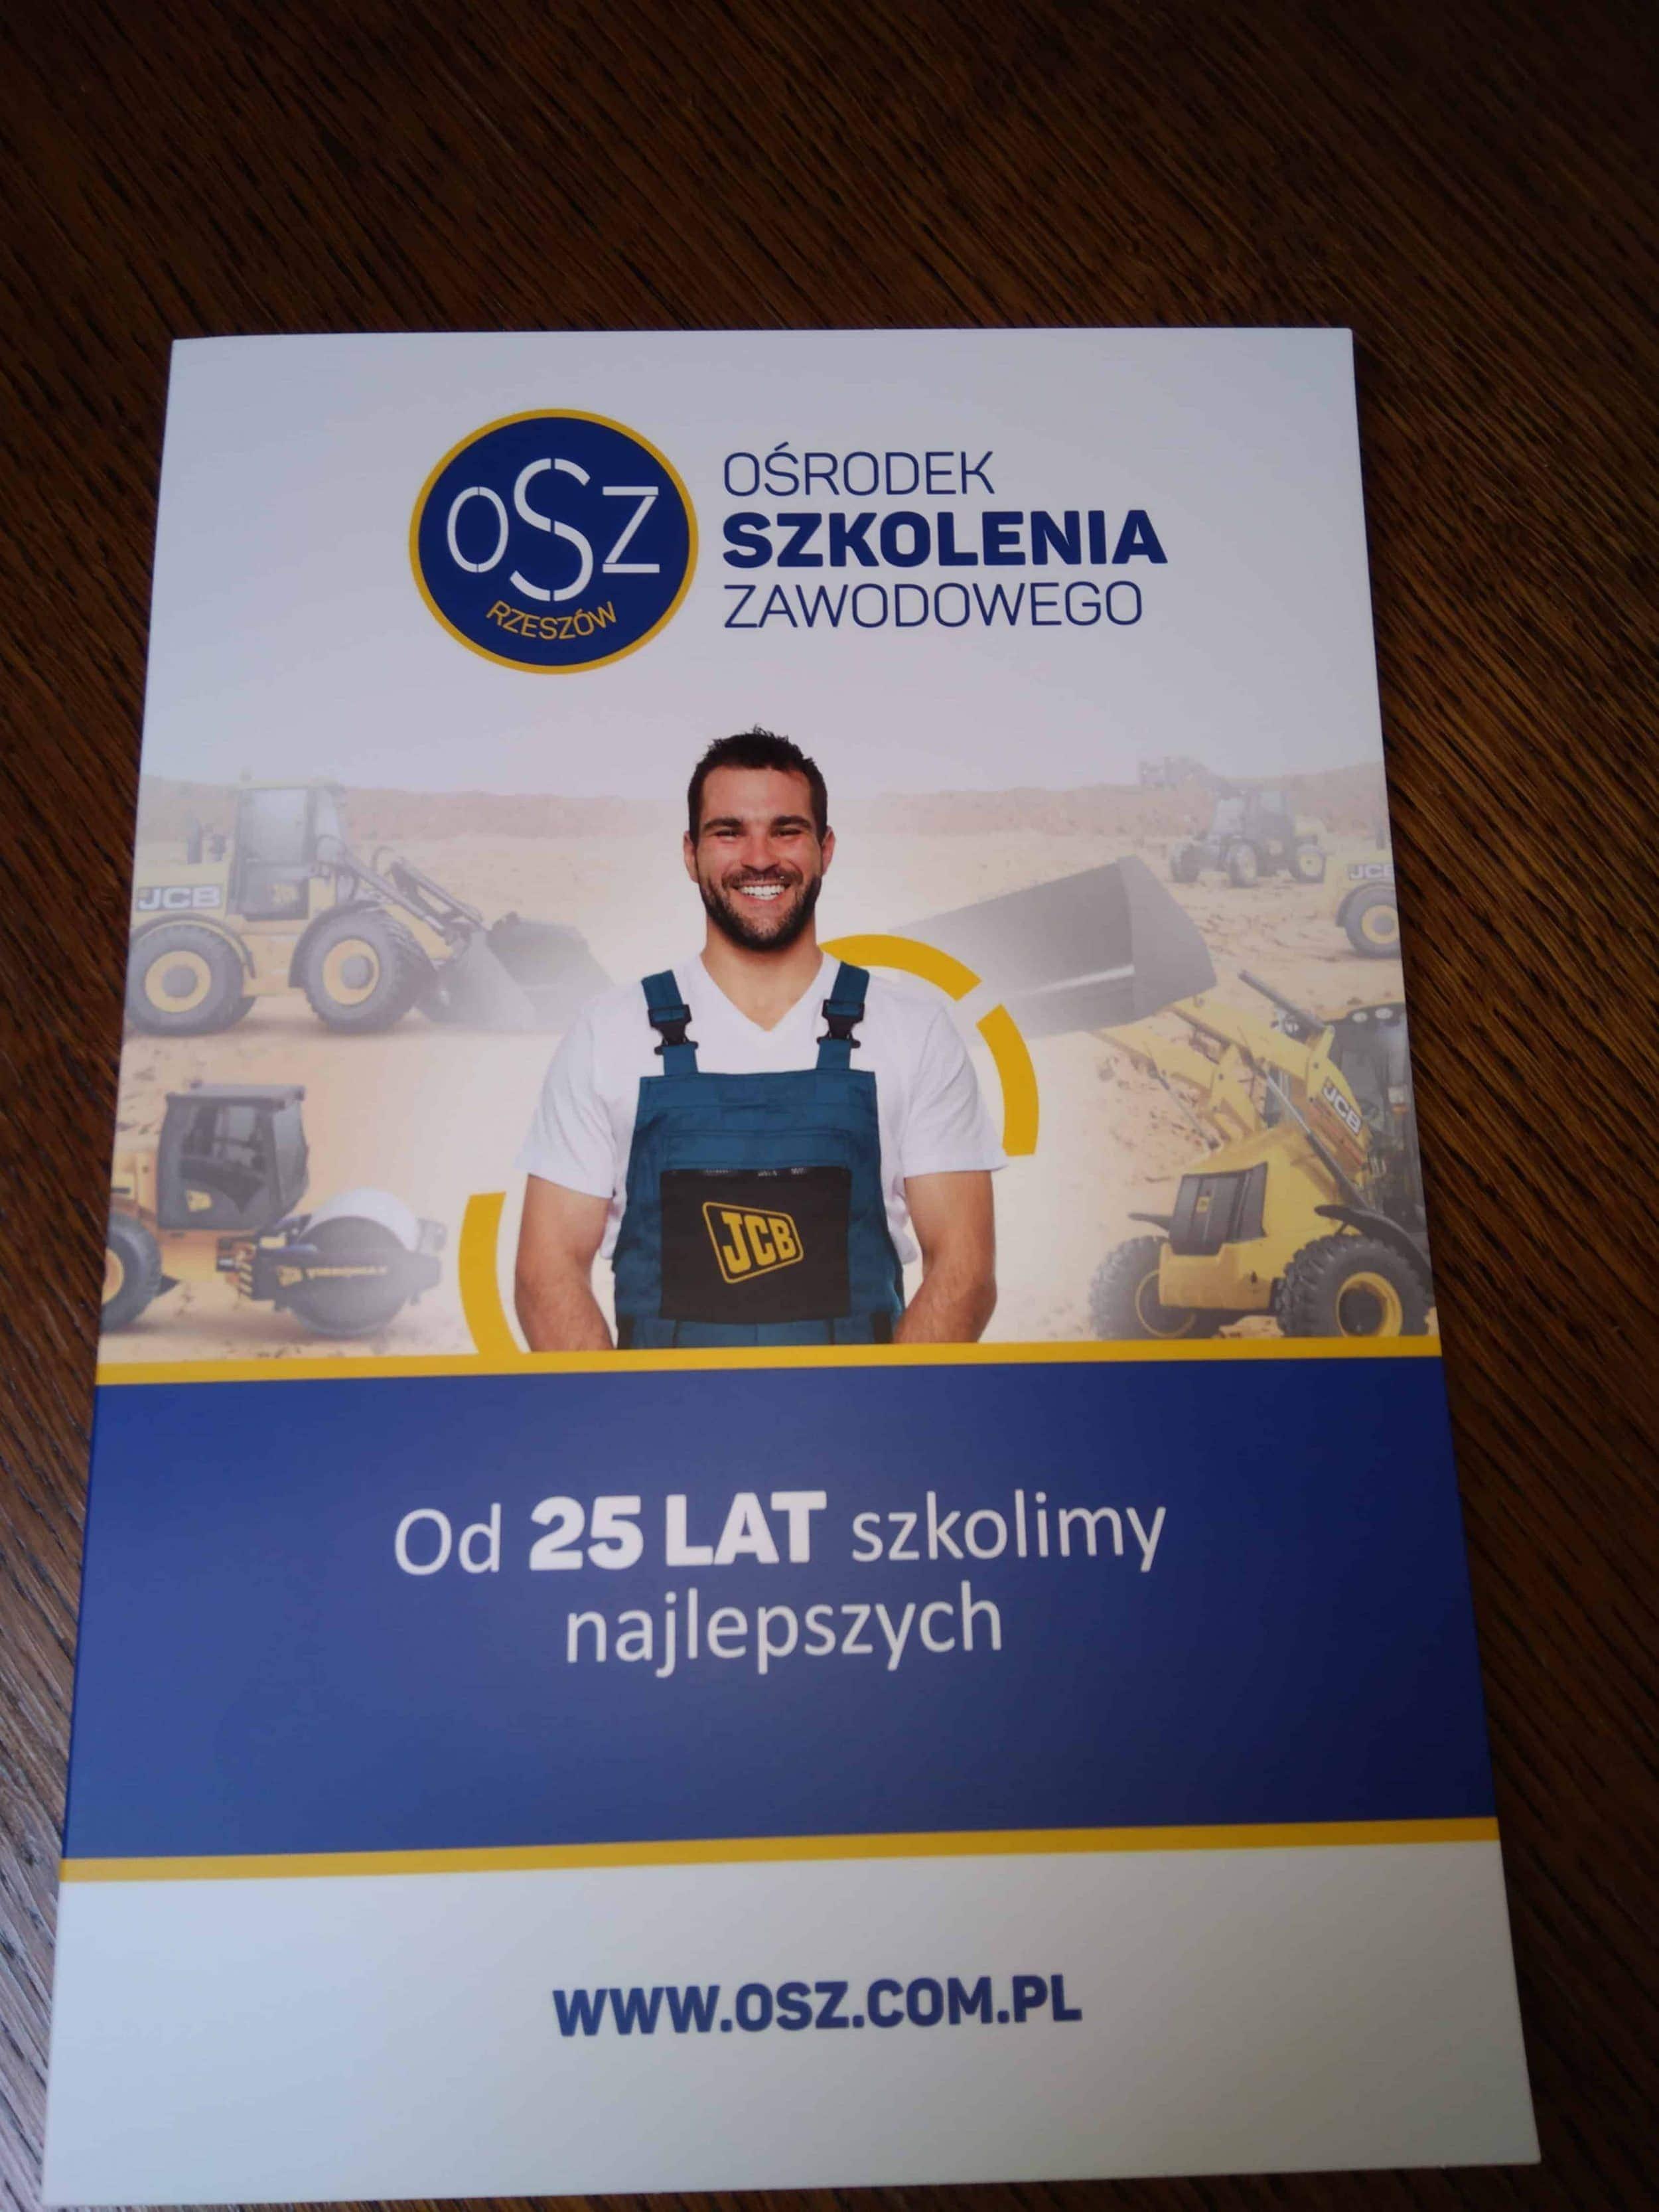 teczki reklamowe drukowane dla Ośrodka Szkolenia Zawodowego OSZ Rzeszów